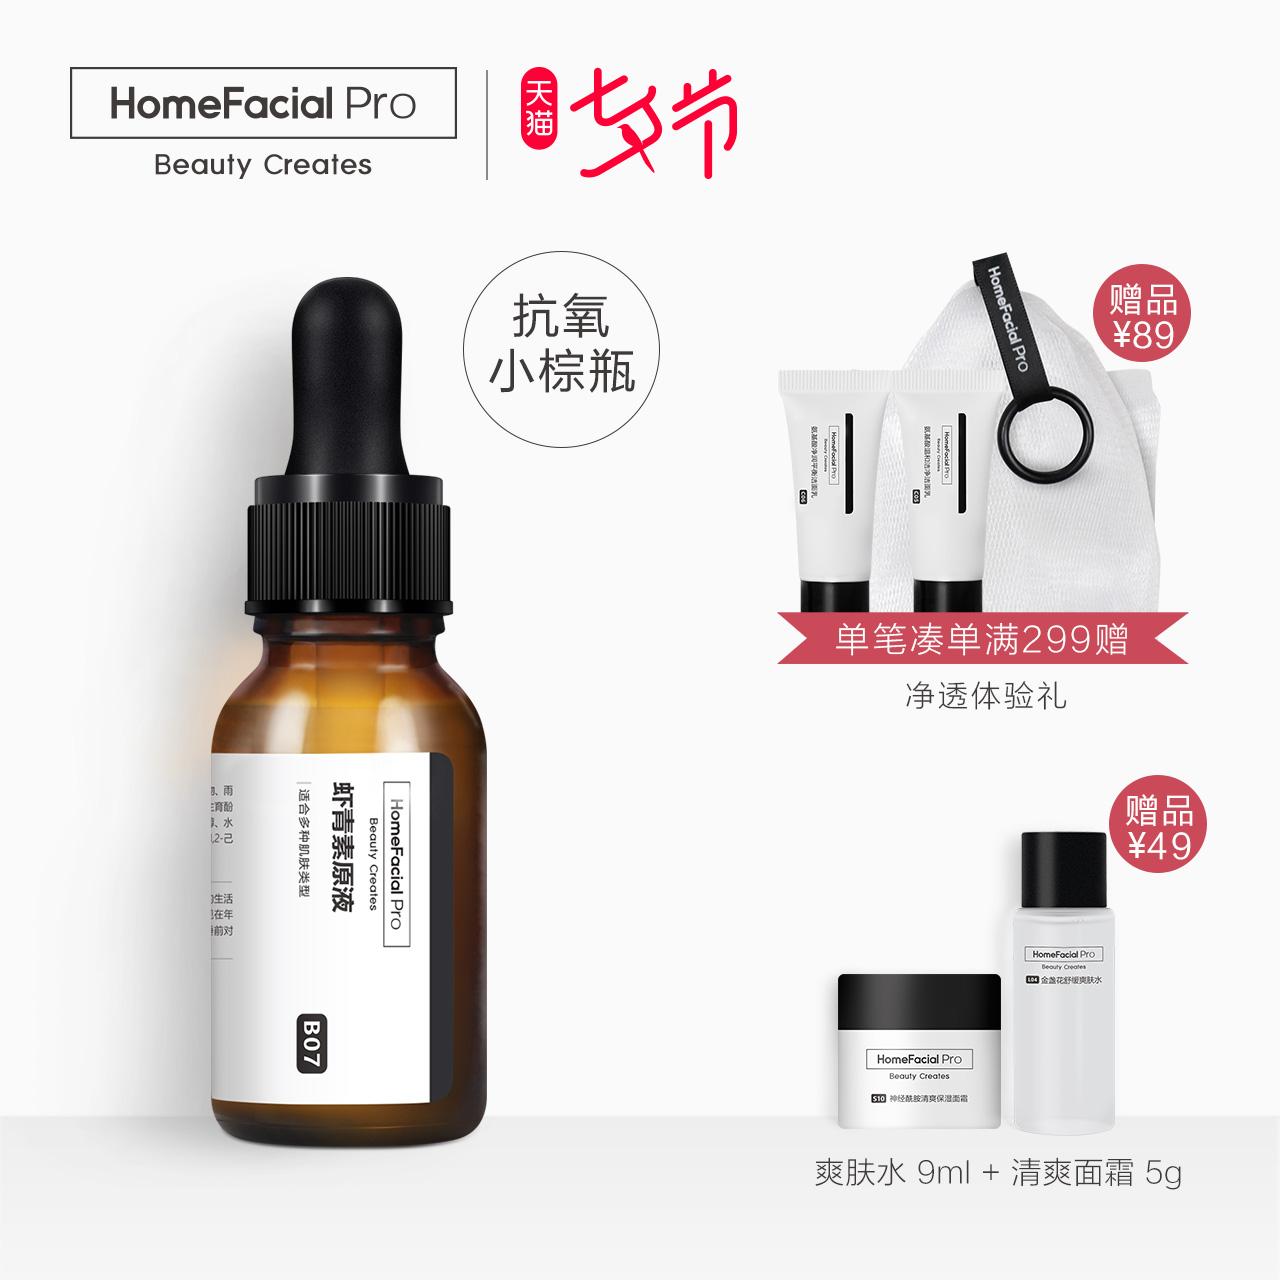 HomeFacialPro虾青素精华原液 抗氧化护肤品保湿面部精华液男女士